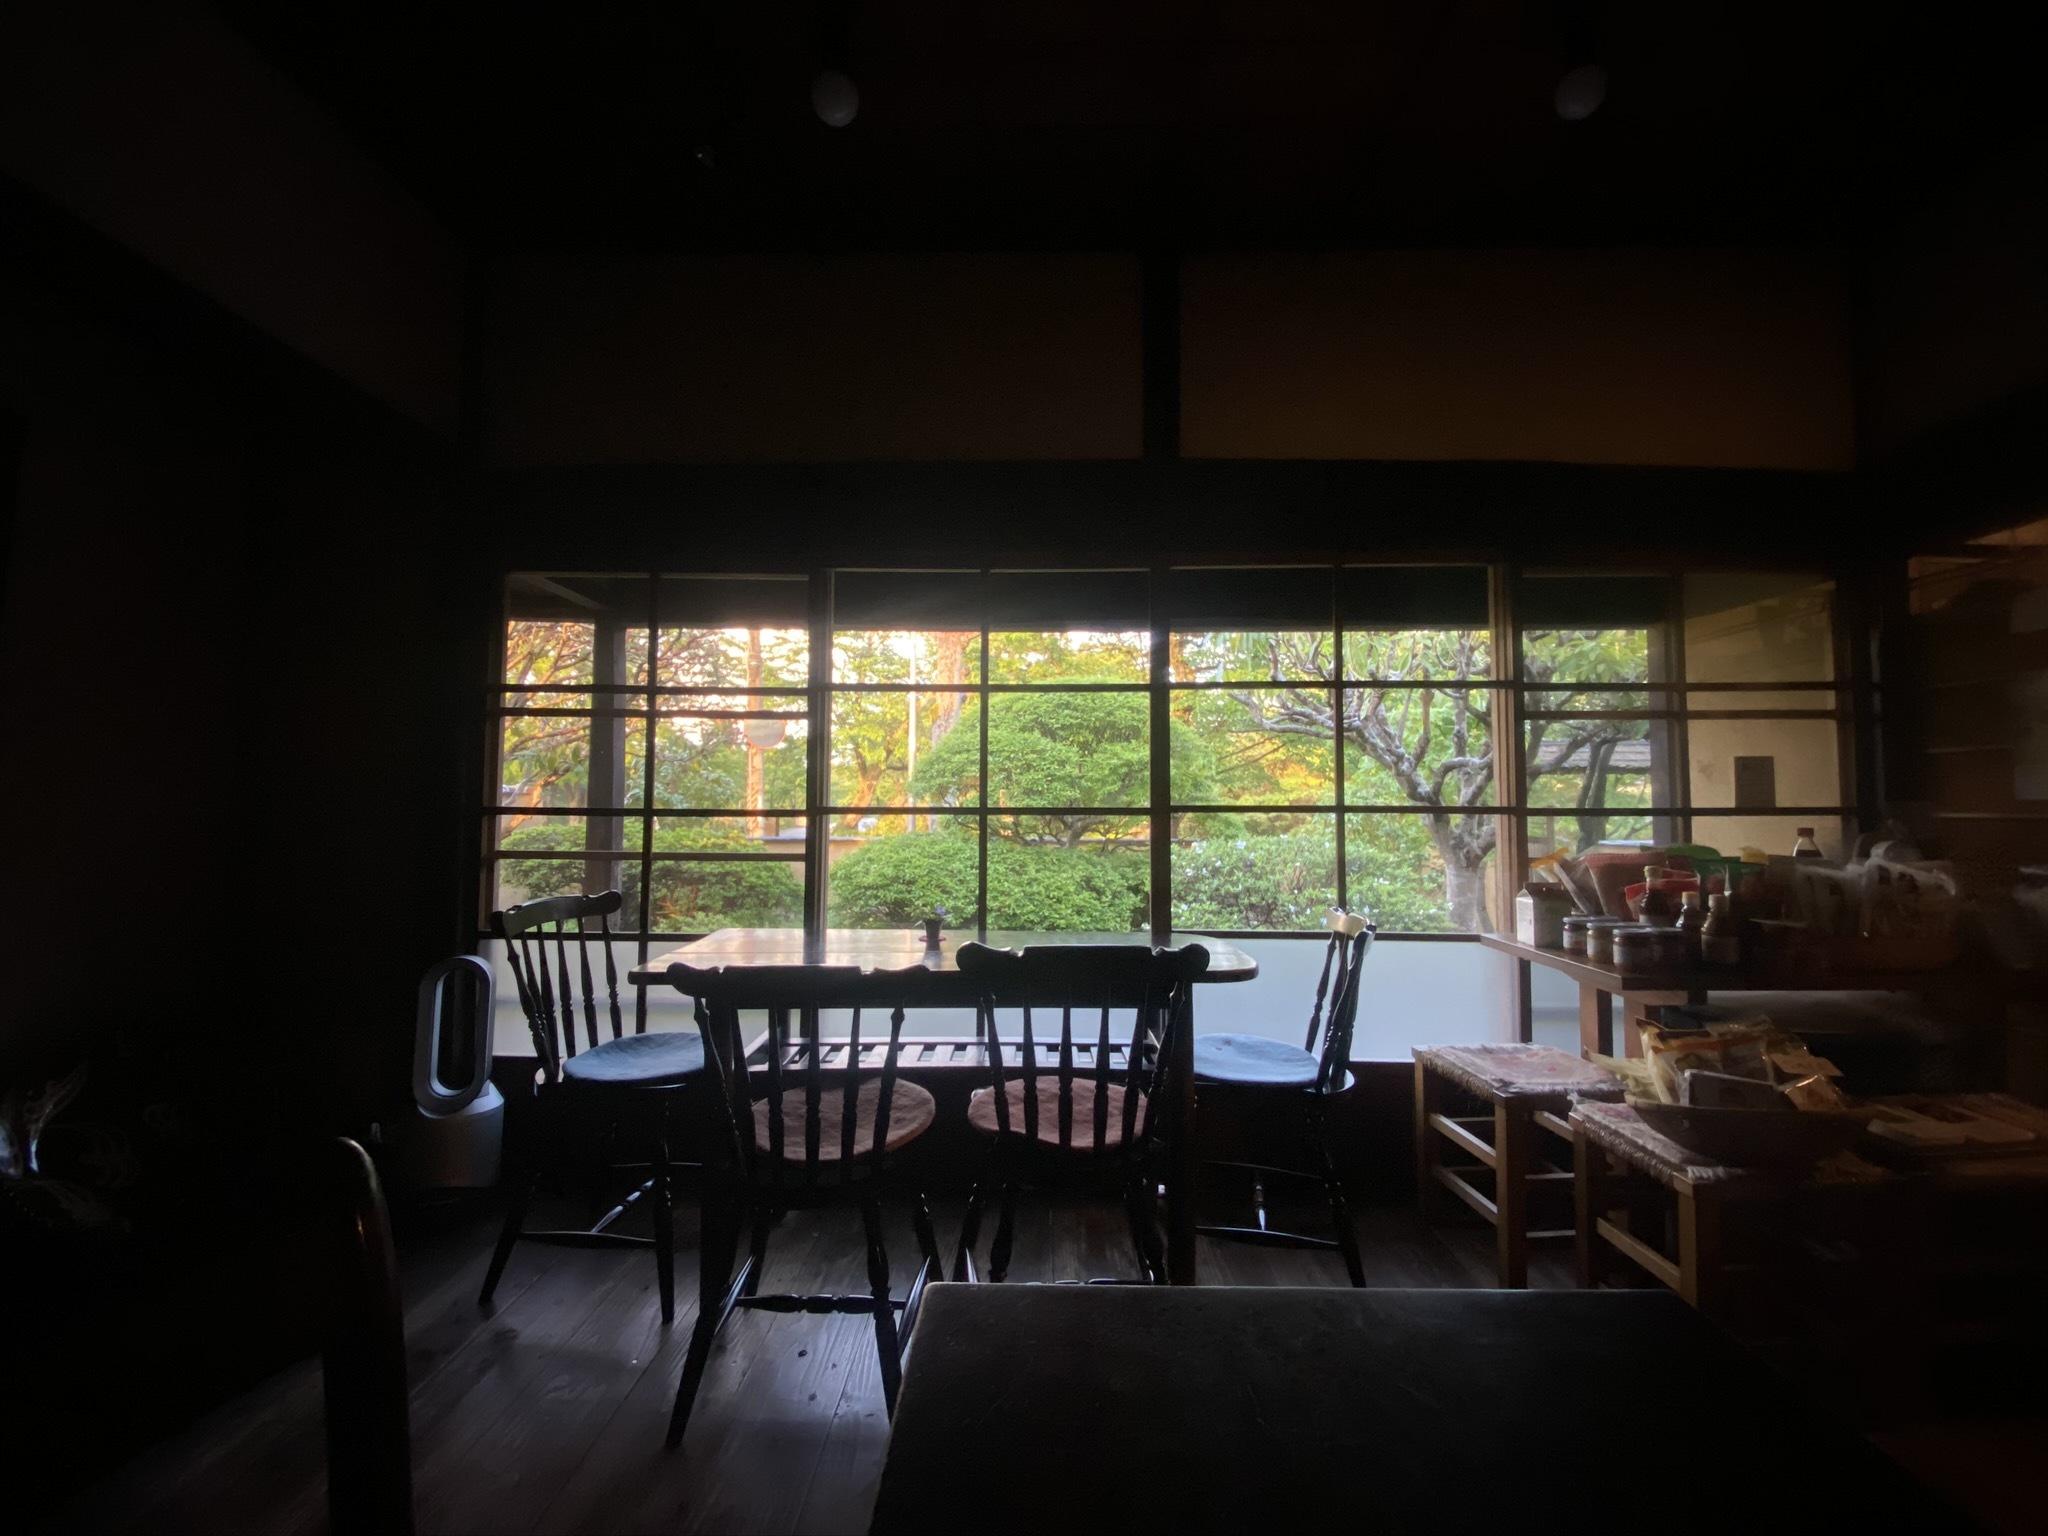 6月20日(日)中国茶教室、休講のお知らせ_d0293004_08023088.jpeg